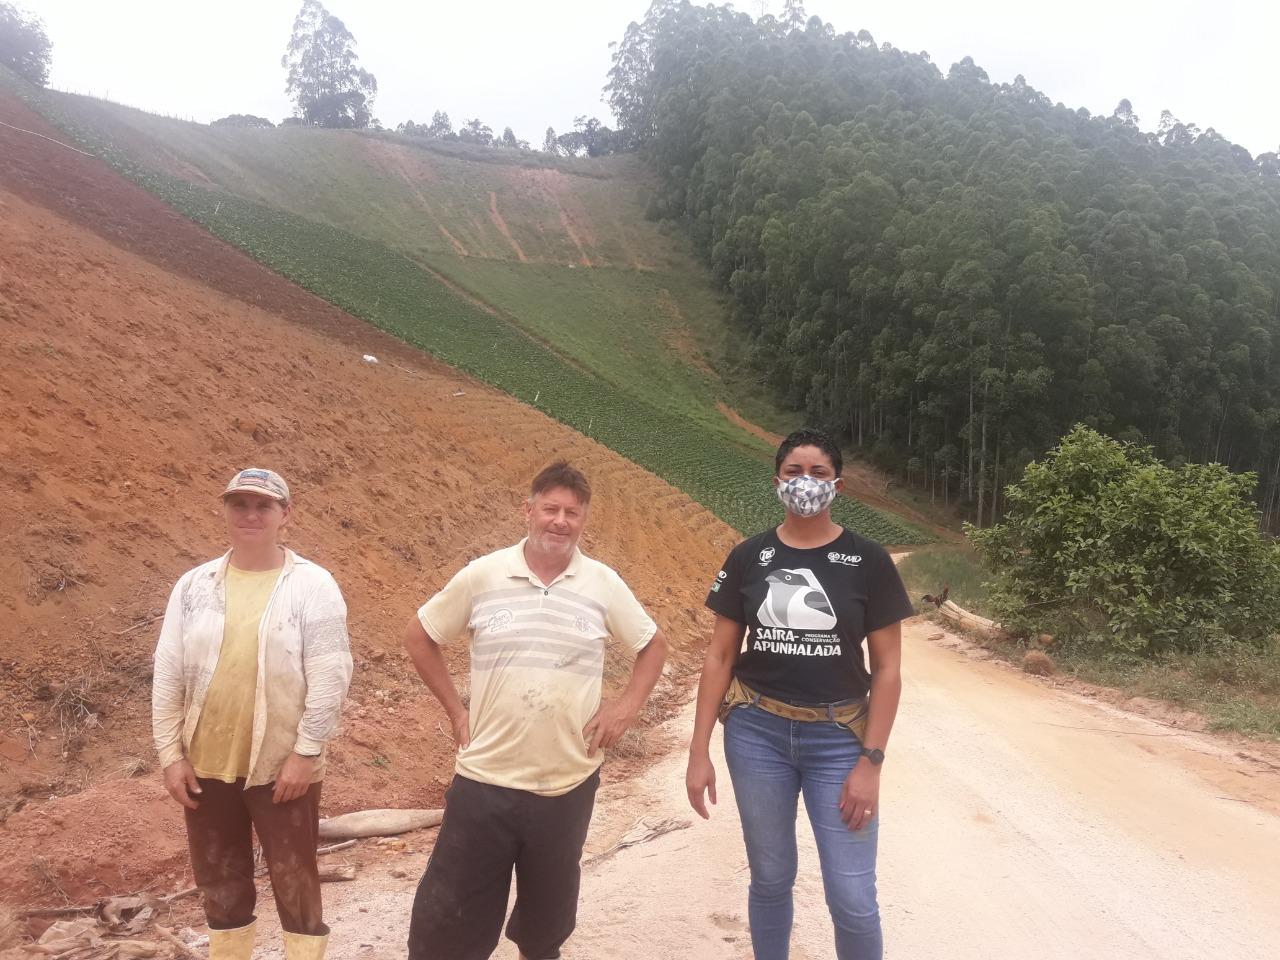 Foto: Programa de Conservação Saíra-Apunhalada